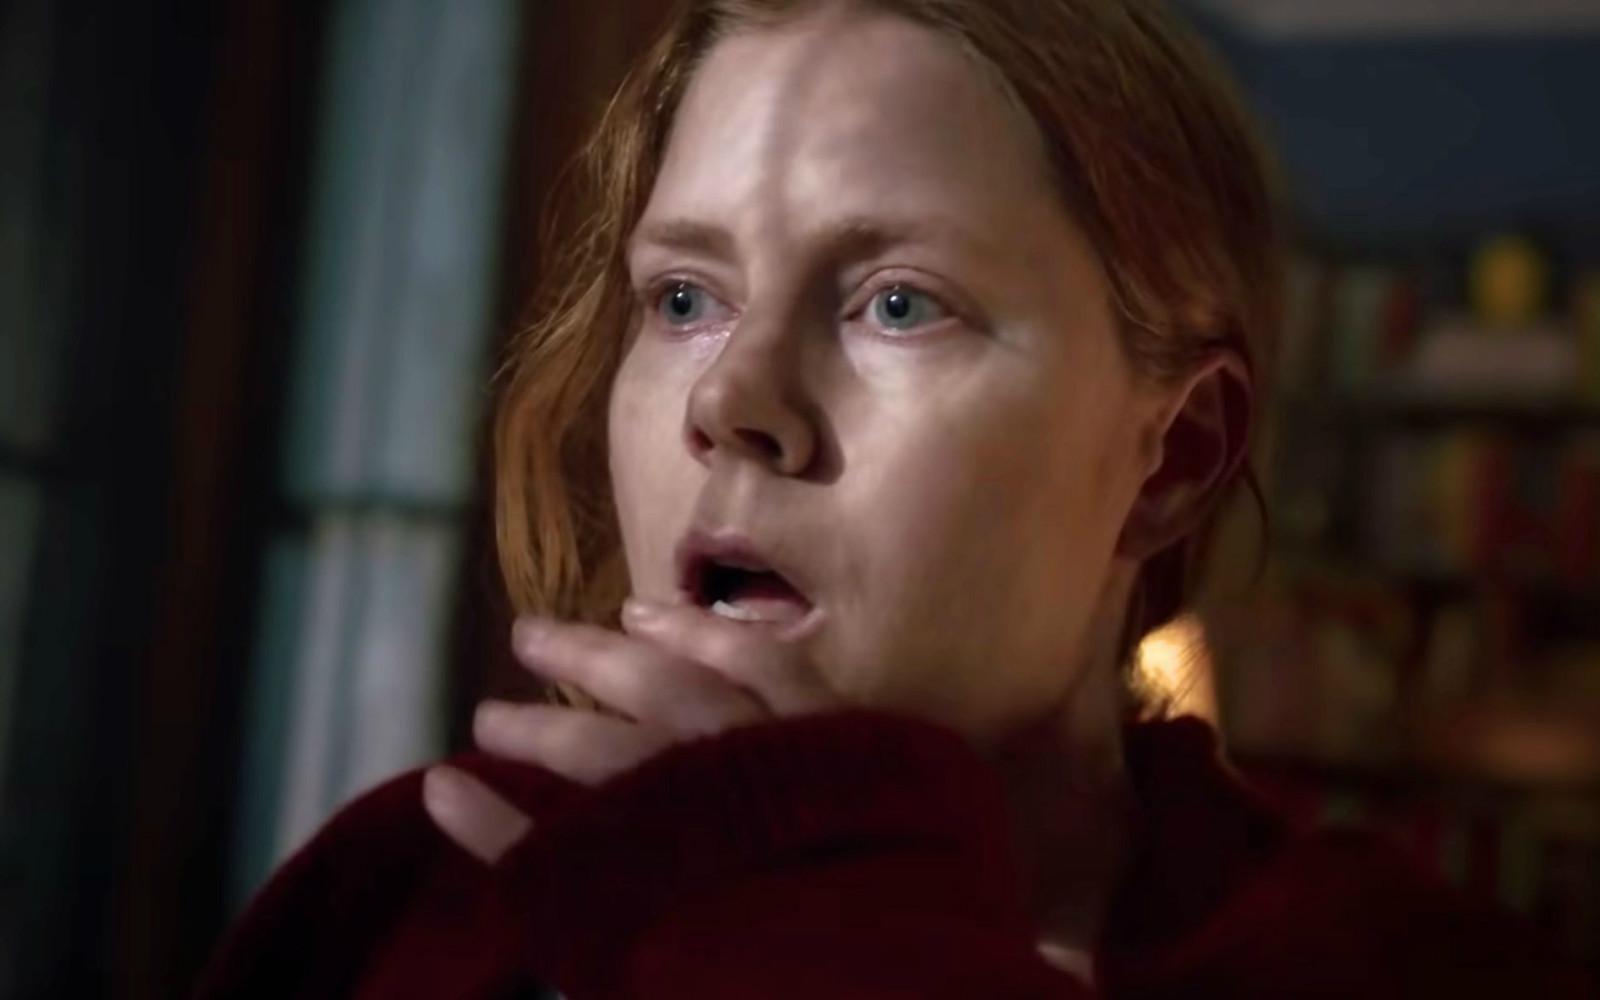 艾米·亚当斯主演电影《窗里的女人》将于今夏登陆Netflix流媒体平台